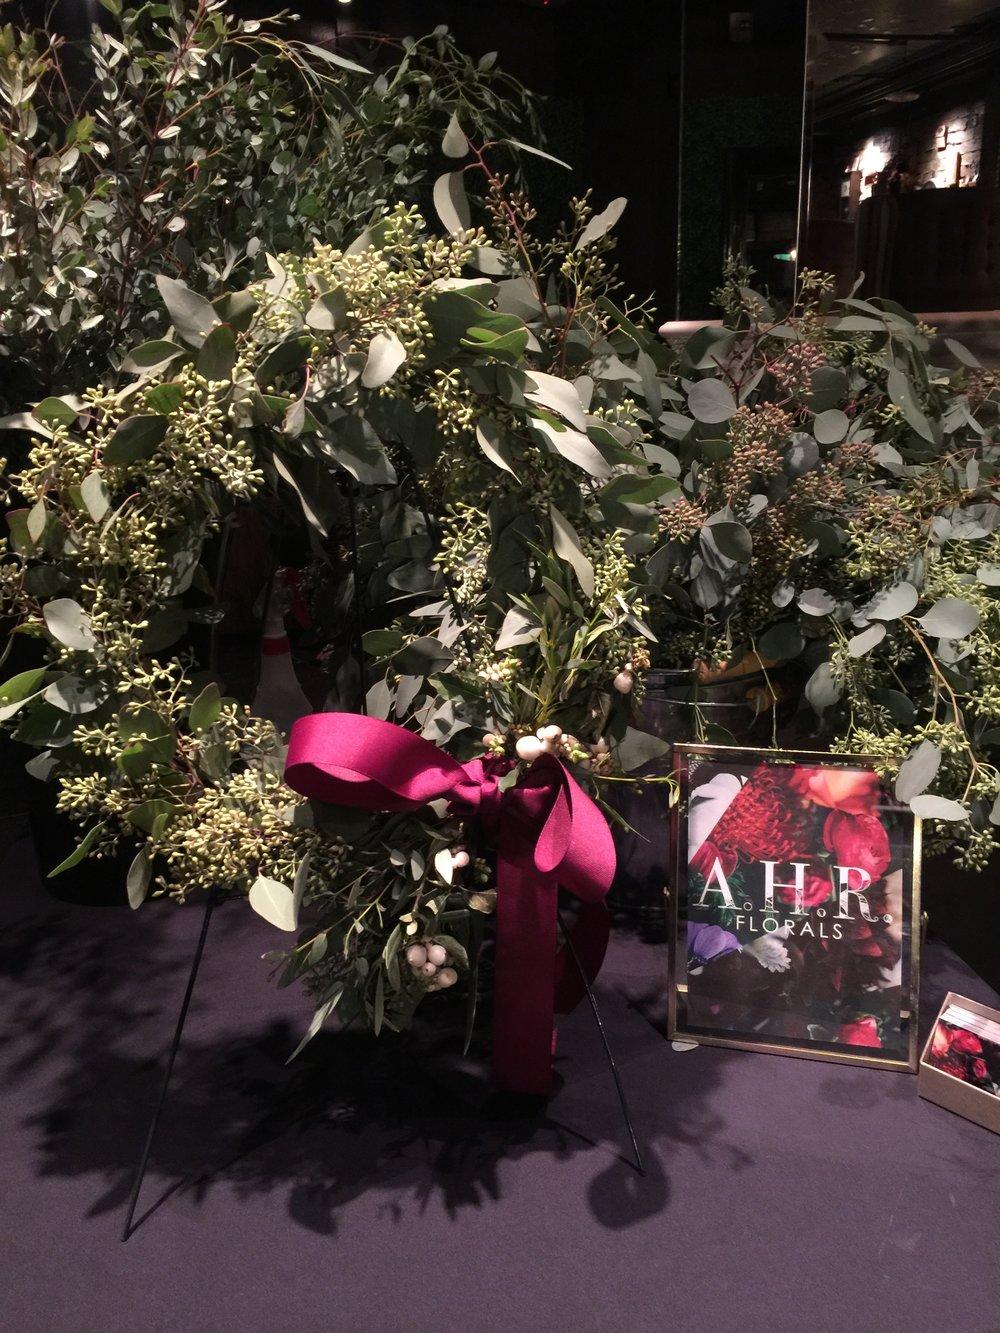 AHR Florals wine & wreaths